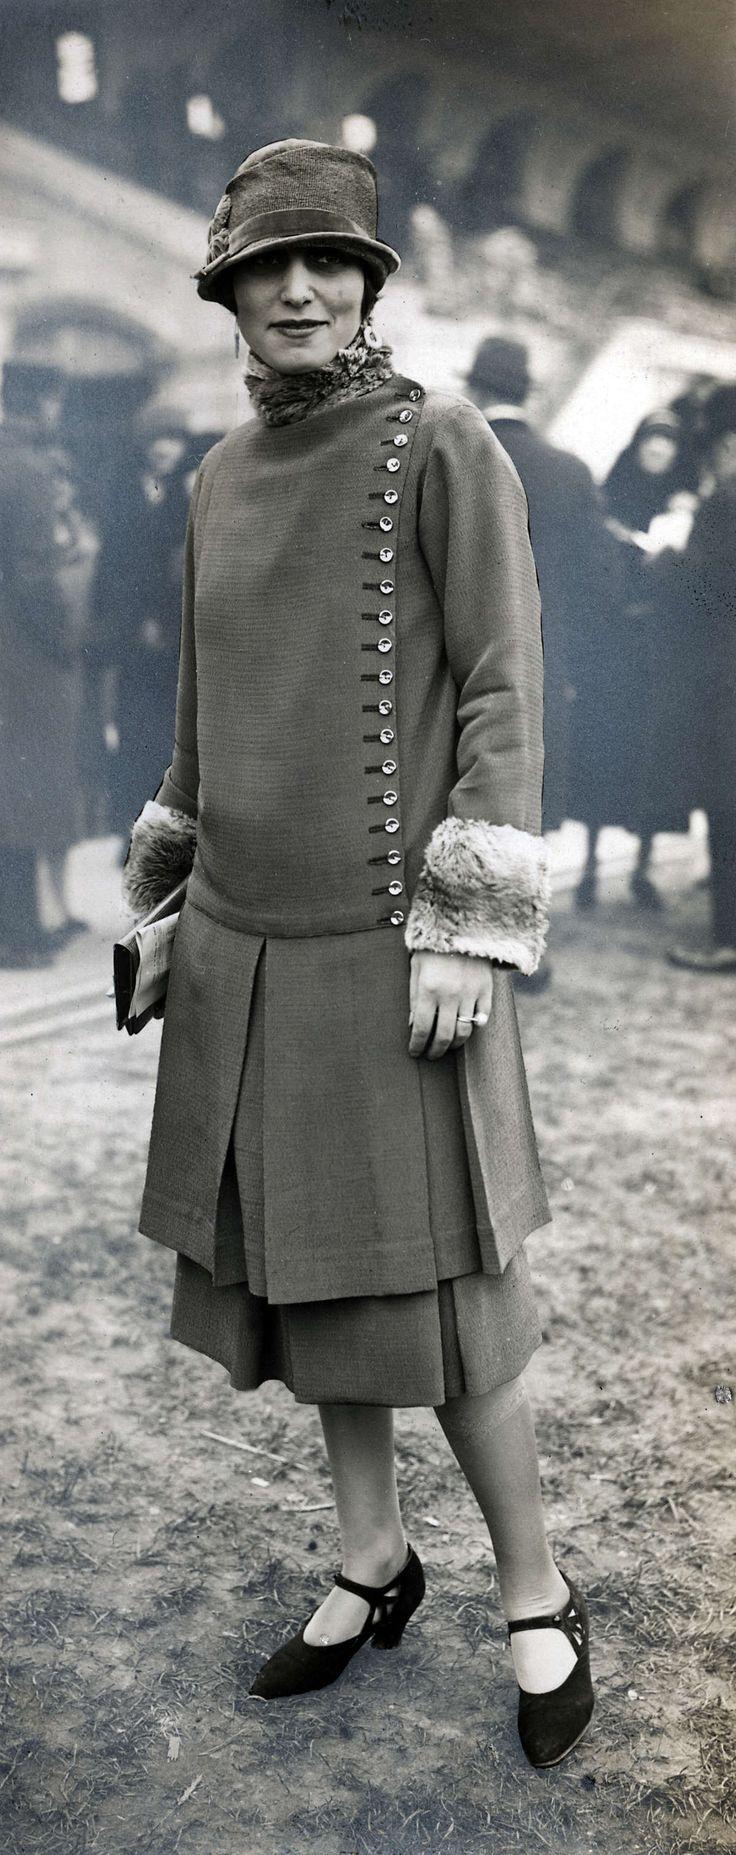 Damesmode. Pak met jas en rok in dezelfde stof. De jas heeft links een lange rij knopen en de manchetten zijn met bont afgezet. De  onderkant van de mantel en rok zijn geplooid. Het model draagt daarbij een hoedje tot net boven de ogen. Zonder plaats, 1926.